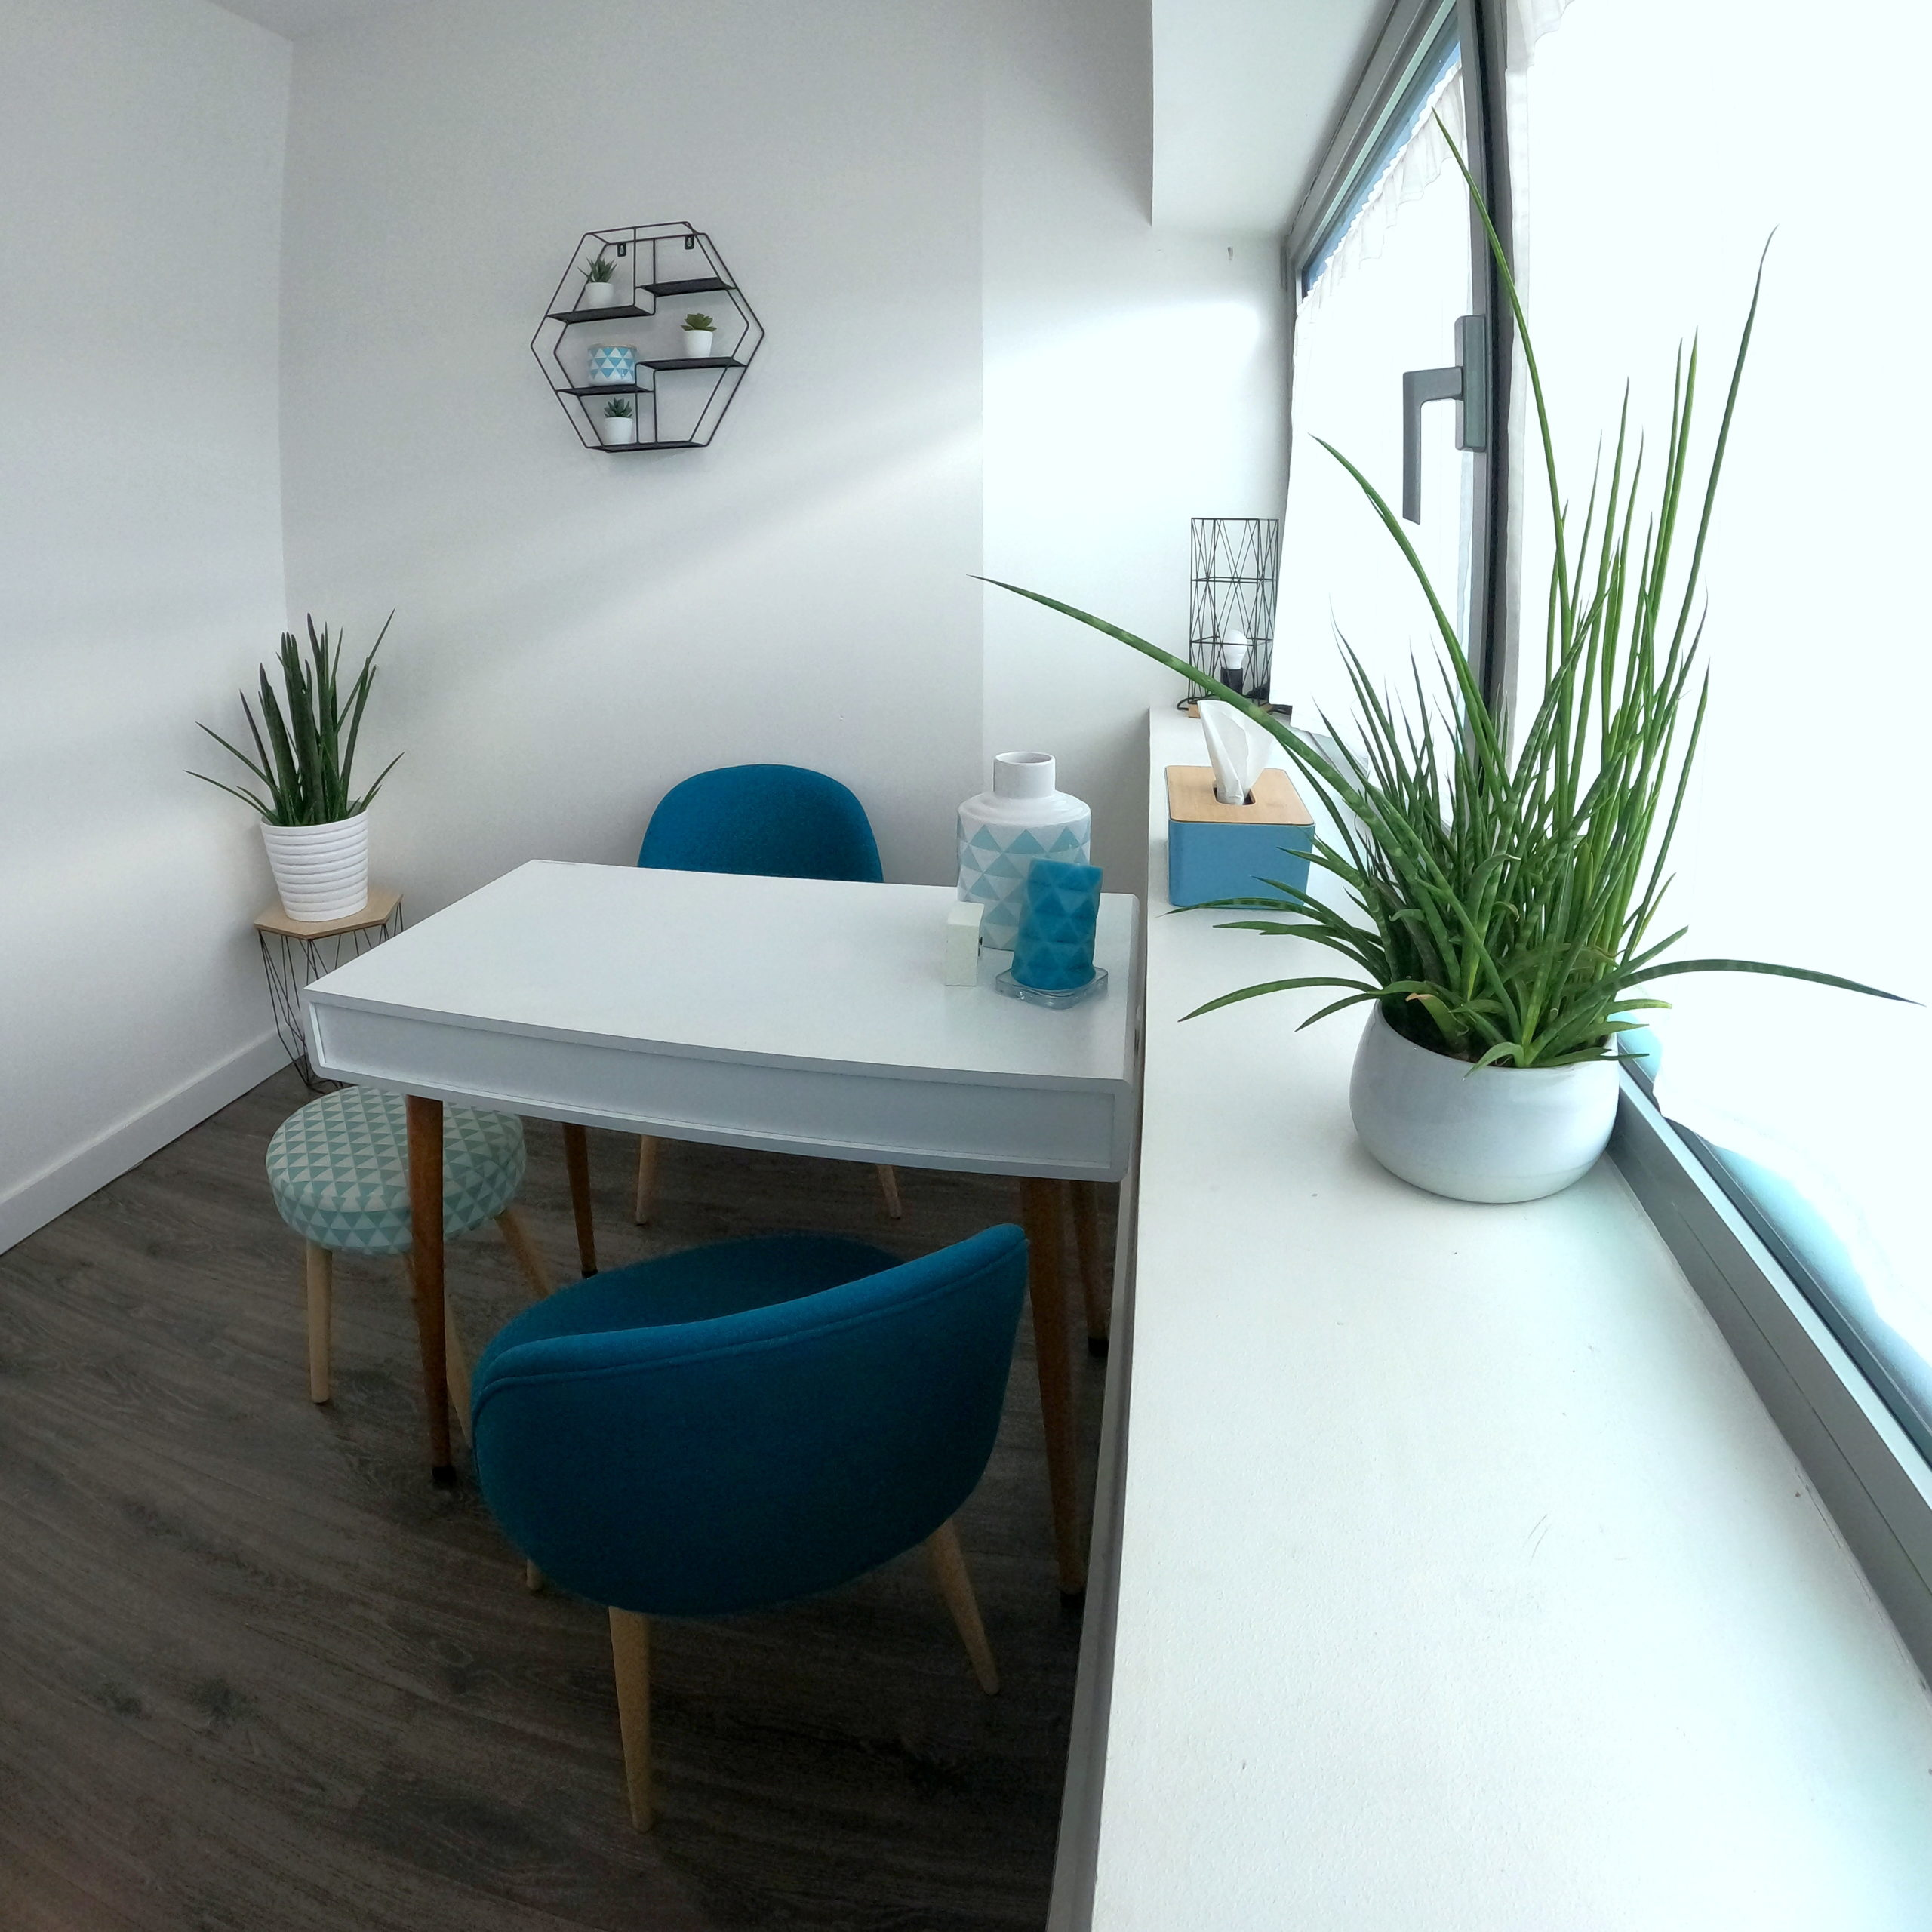 Partage cabinet thérapeute - Centre Libéal - Cabinet Bleu Ciel - Location